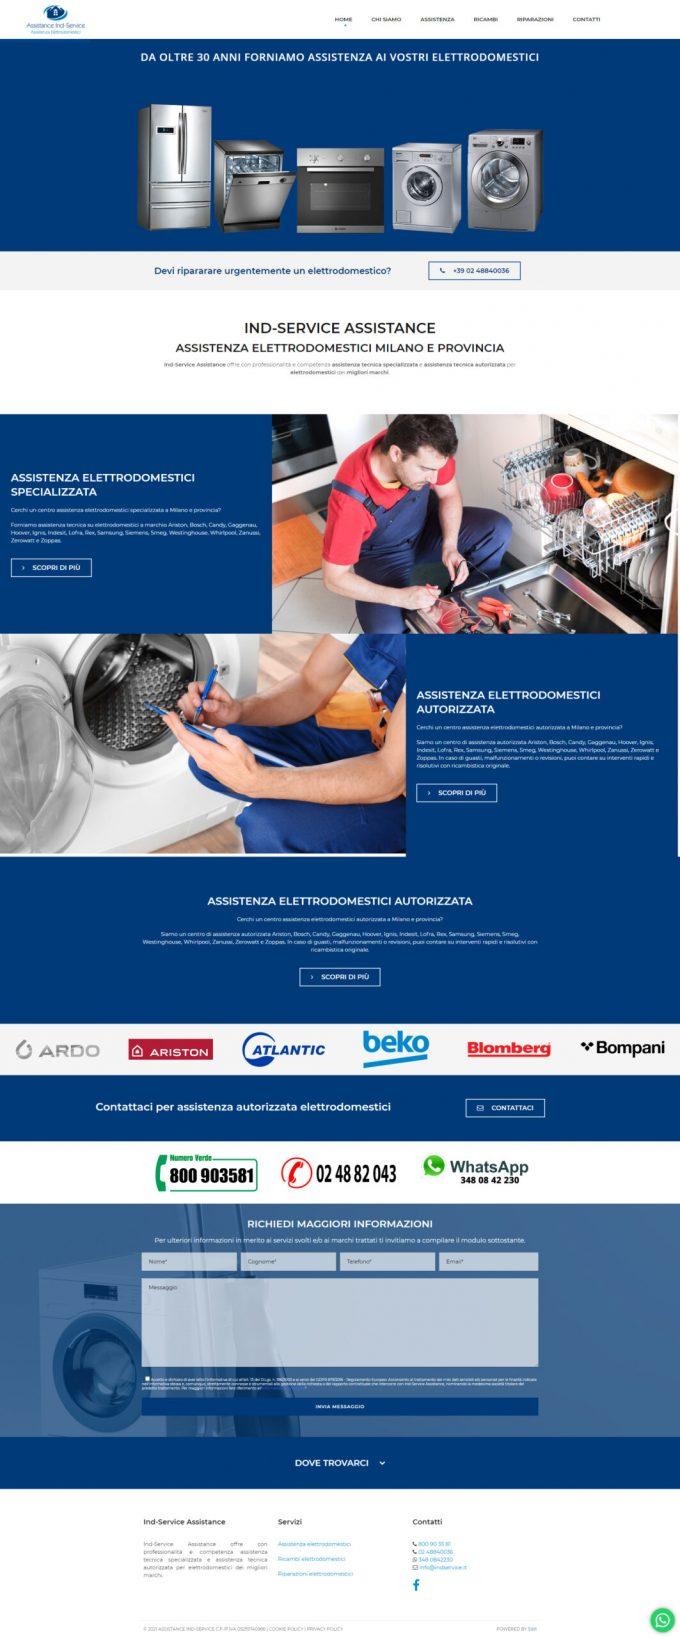 Assistance Ind-Service – Assistenza elettrodomestici Milano